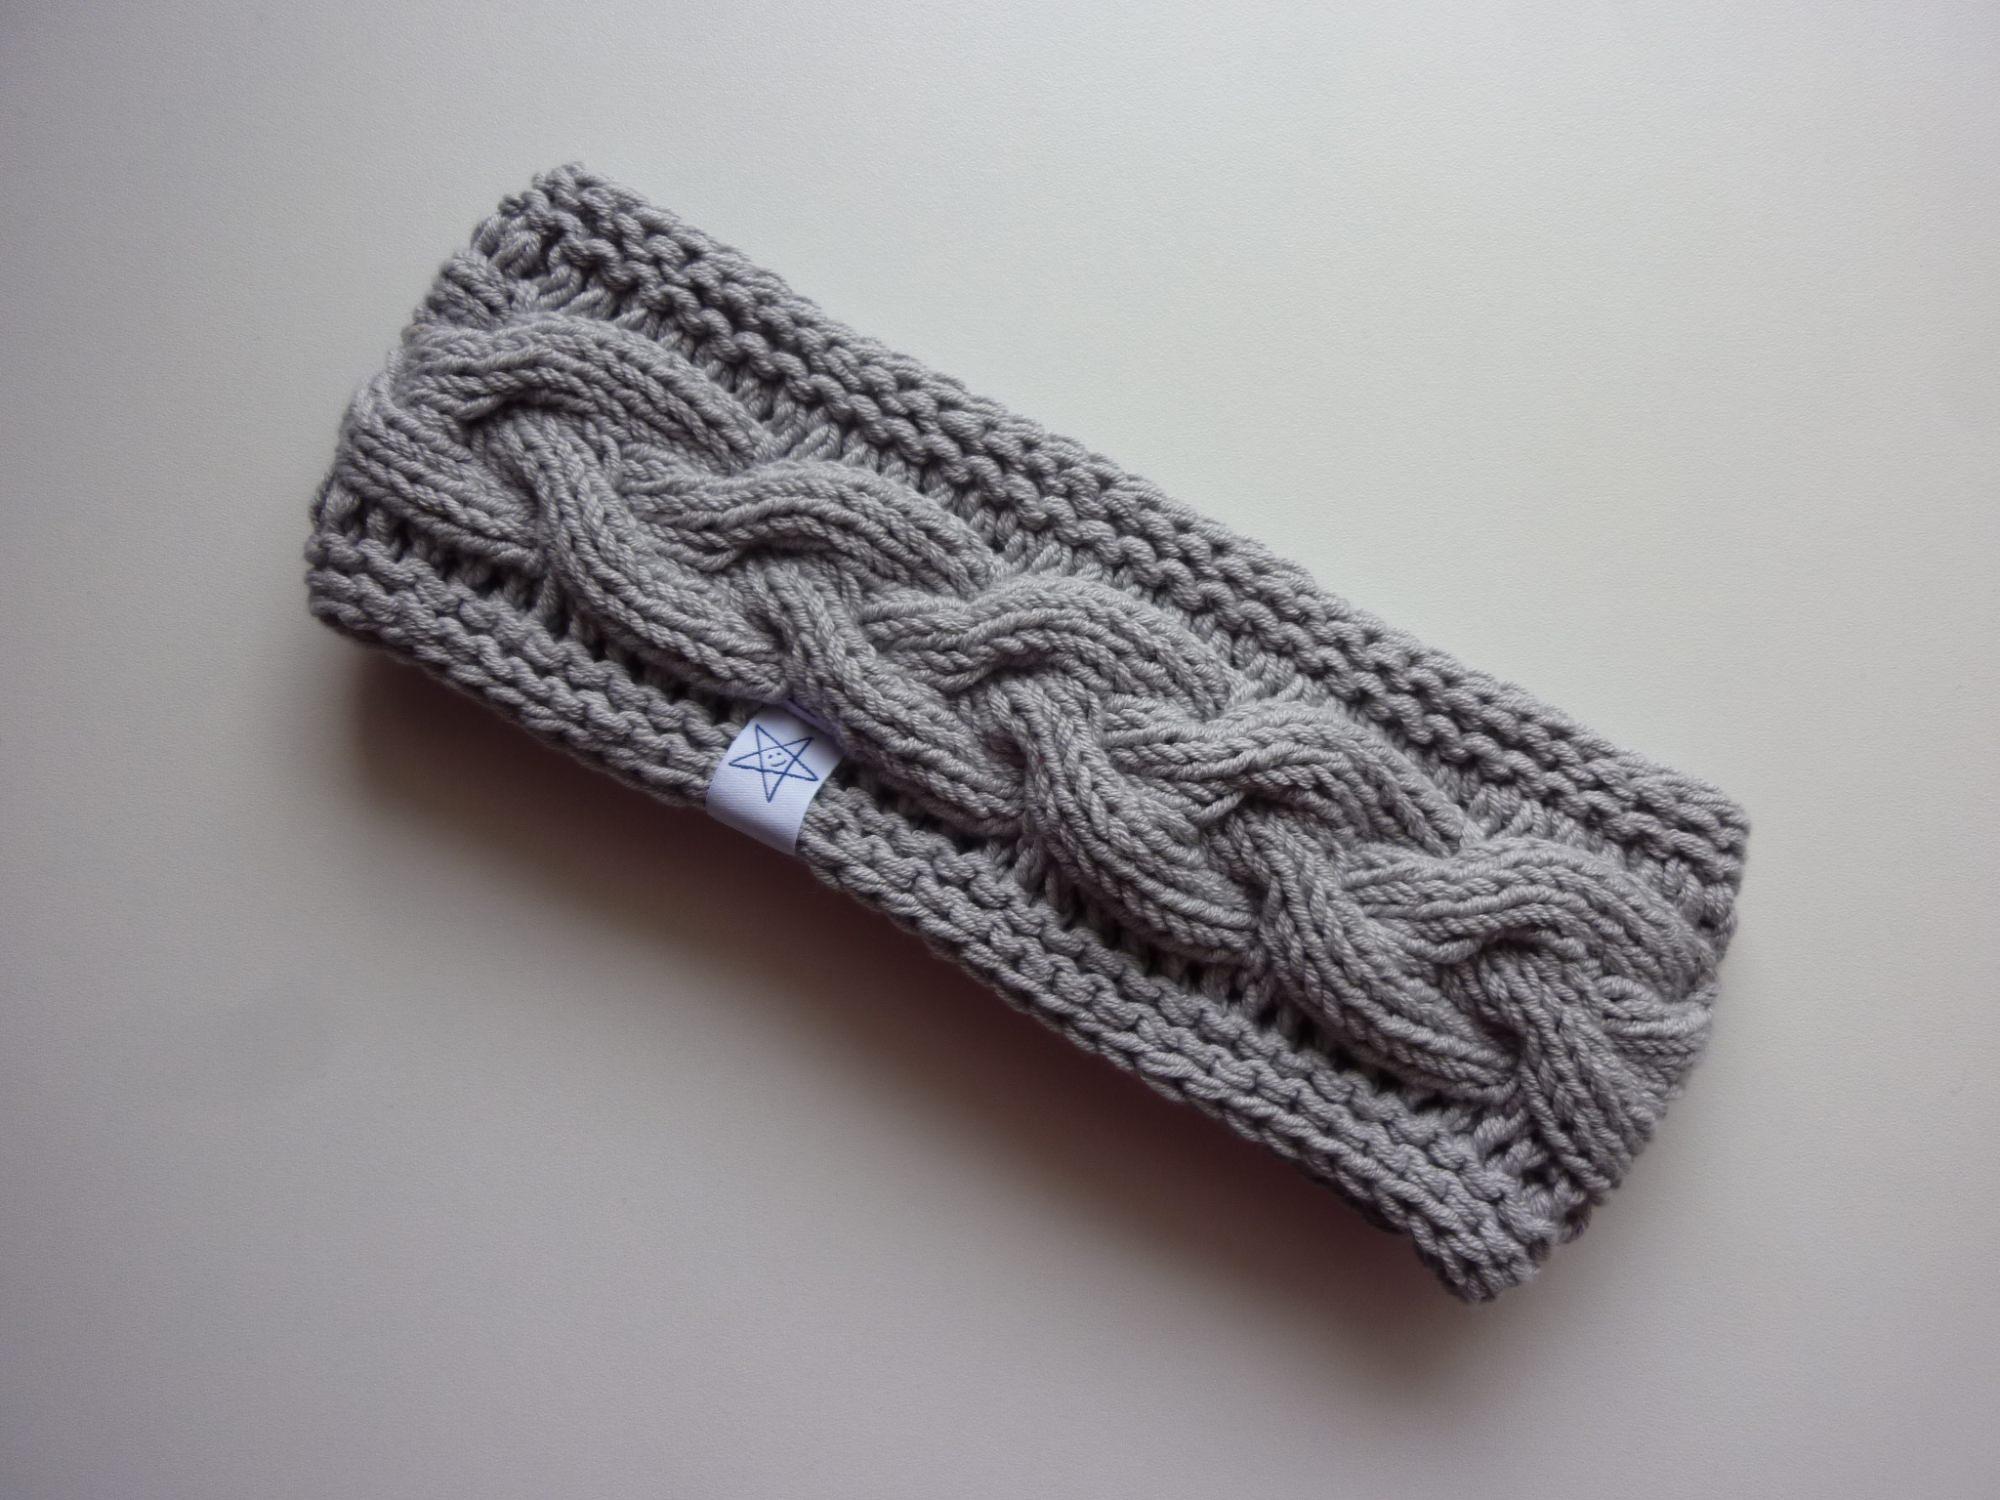 - gefüttertes Stirnband in hellgrau aus Baumwolle handgestrickt - gefüttertes Stirnband in hellgrau aus Baumwolle handgestrickt